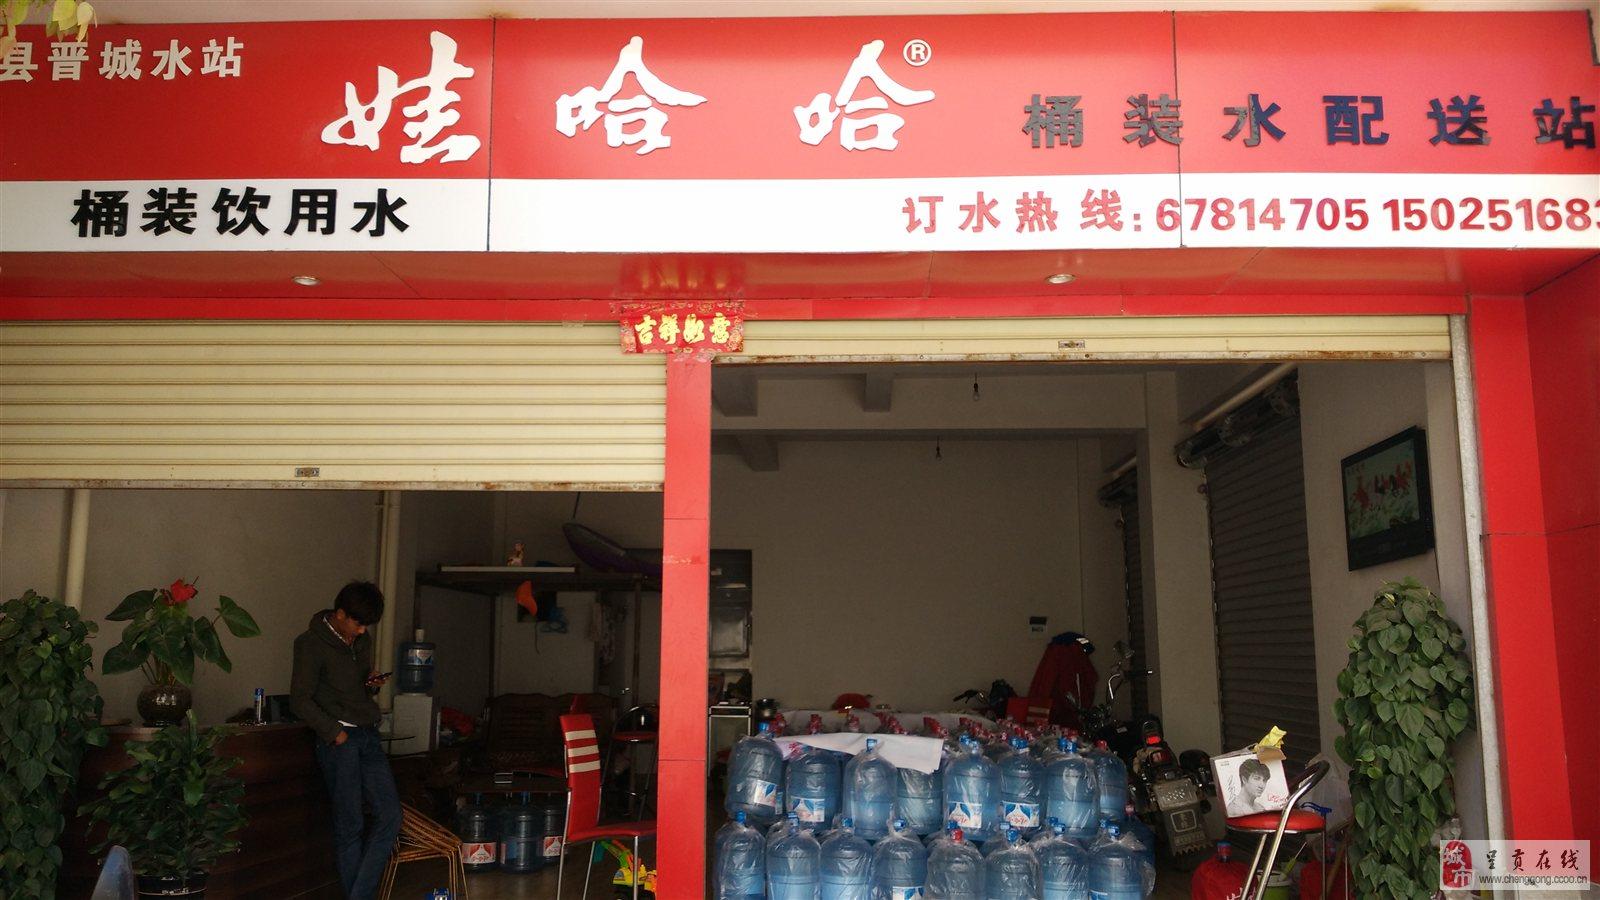 杭州娃哈哈集团有限公司创建于1987年,目前为中国最大的食品饮料生产企业。公司拥有世界一流的自动化生产线,国家级食品检测研发中心,以及先进的食品饮料加工工艺,主要从事食品饮料的开发、生产和销售。2013年度,公司实现营业收入783亿元,娃哈哈各项经济指标已连续16年居中国饮料行业榜首,成为目前中国最大、效益最好、最具发展潜力的食品饮料企业。 红河云美饮料有限公司是2014年经娃哈哈集团公司批准于在红河州蒙自市设立的面向滇东南的娃哈哈桶装水生产和销售公司,公司采用世界一流的专业自动化桶装水生产线,单小时单线